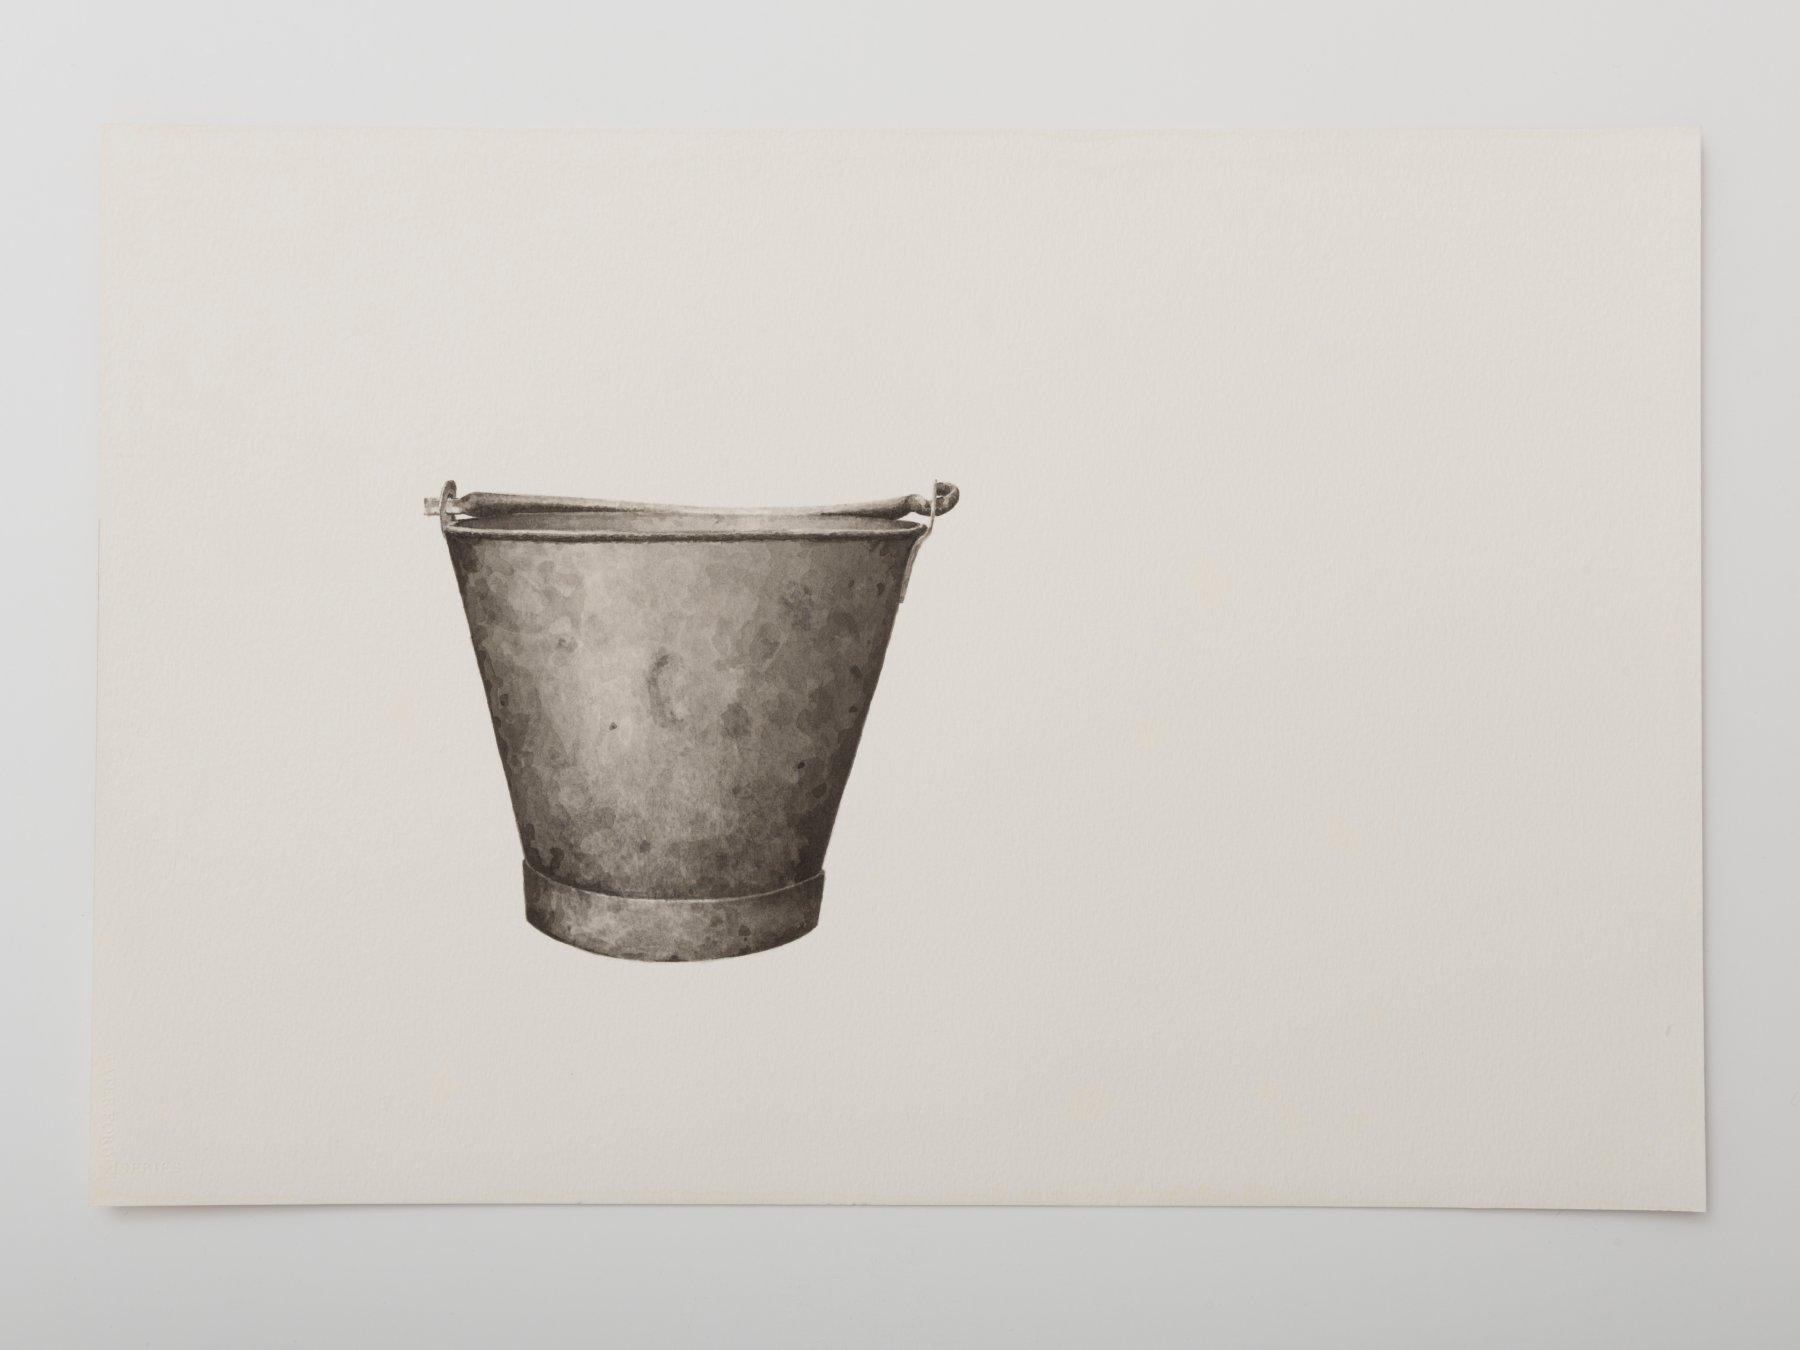 Still thinking 2 (Bucket II)